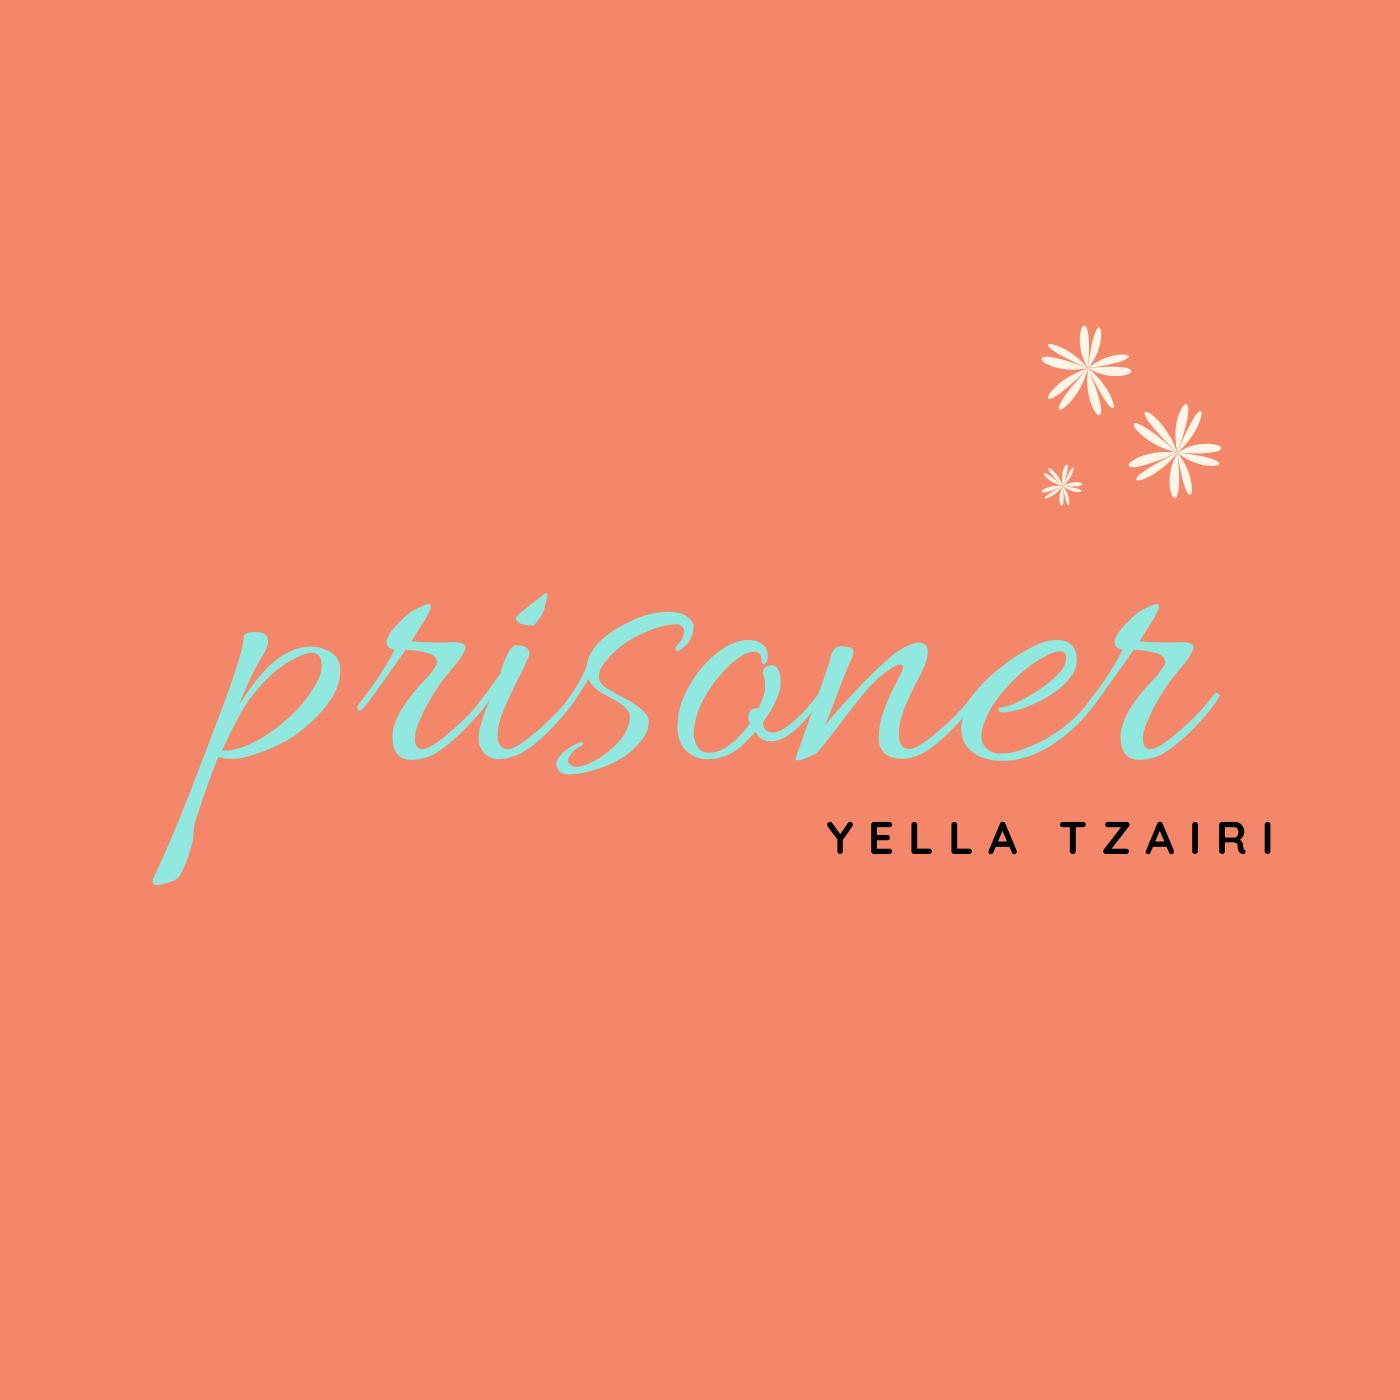 Yella Tzairi